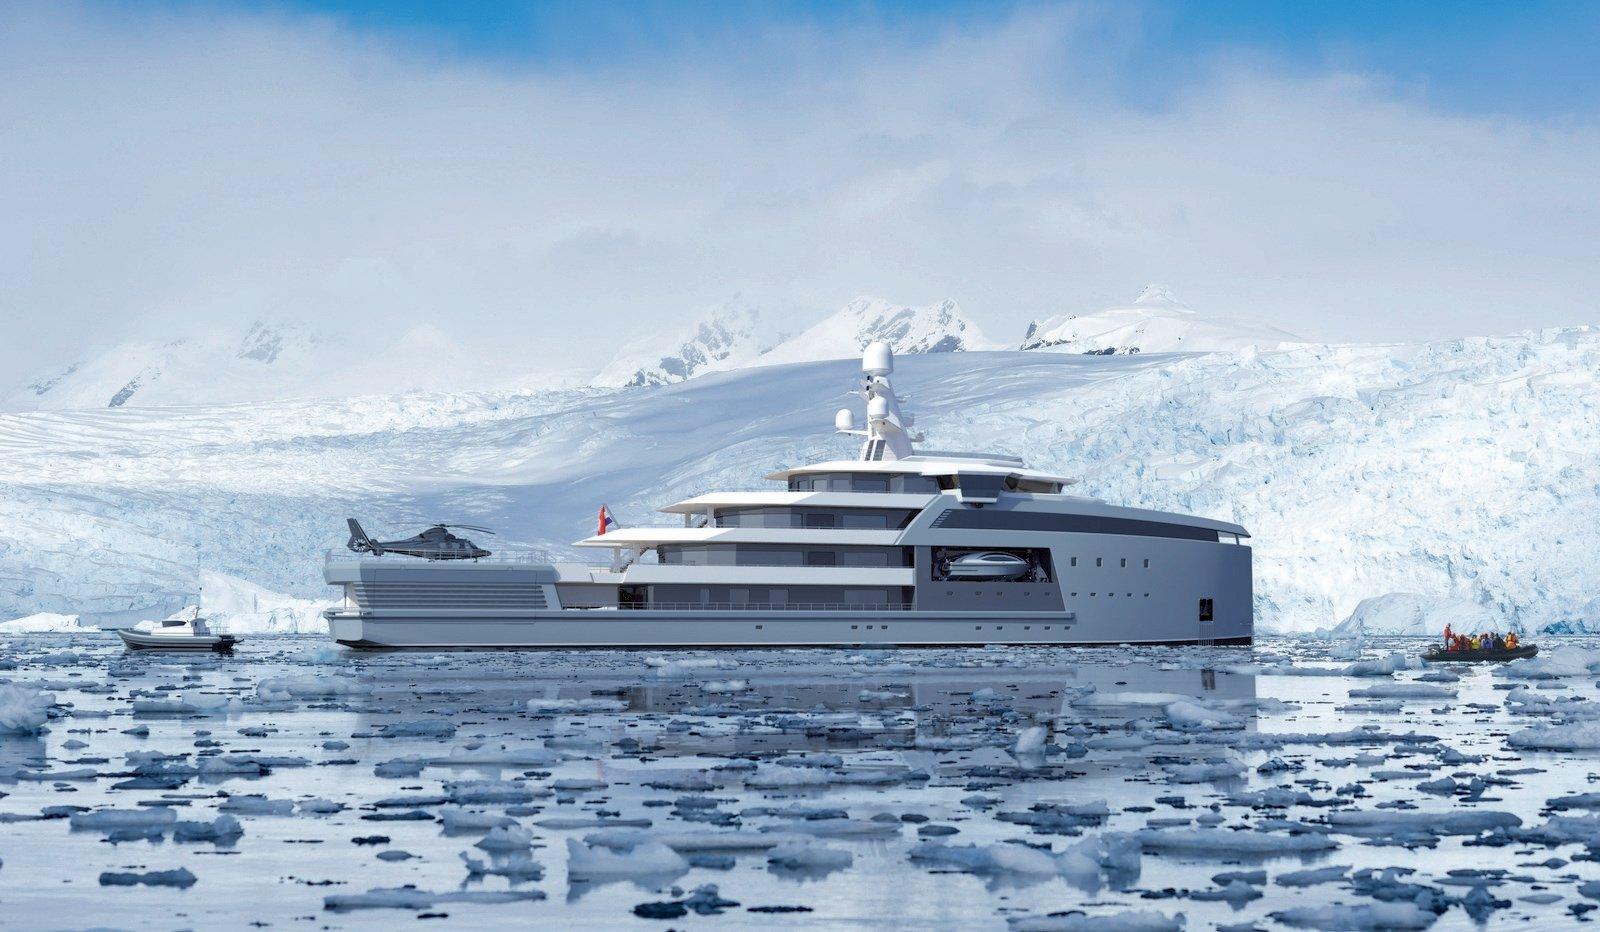 SeaXplorer_90m_Antarctica